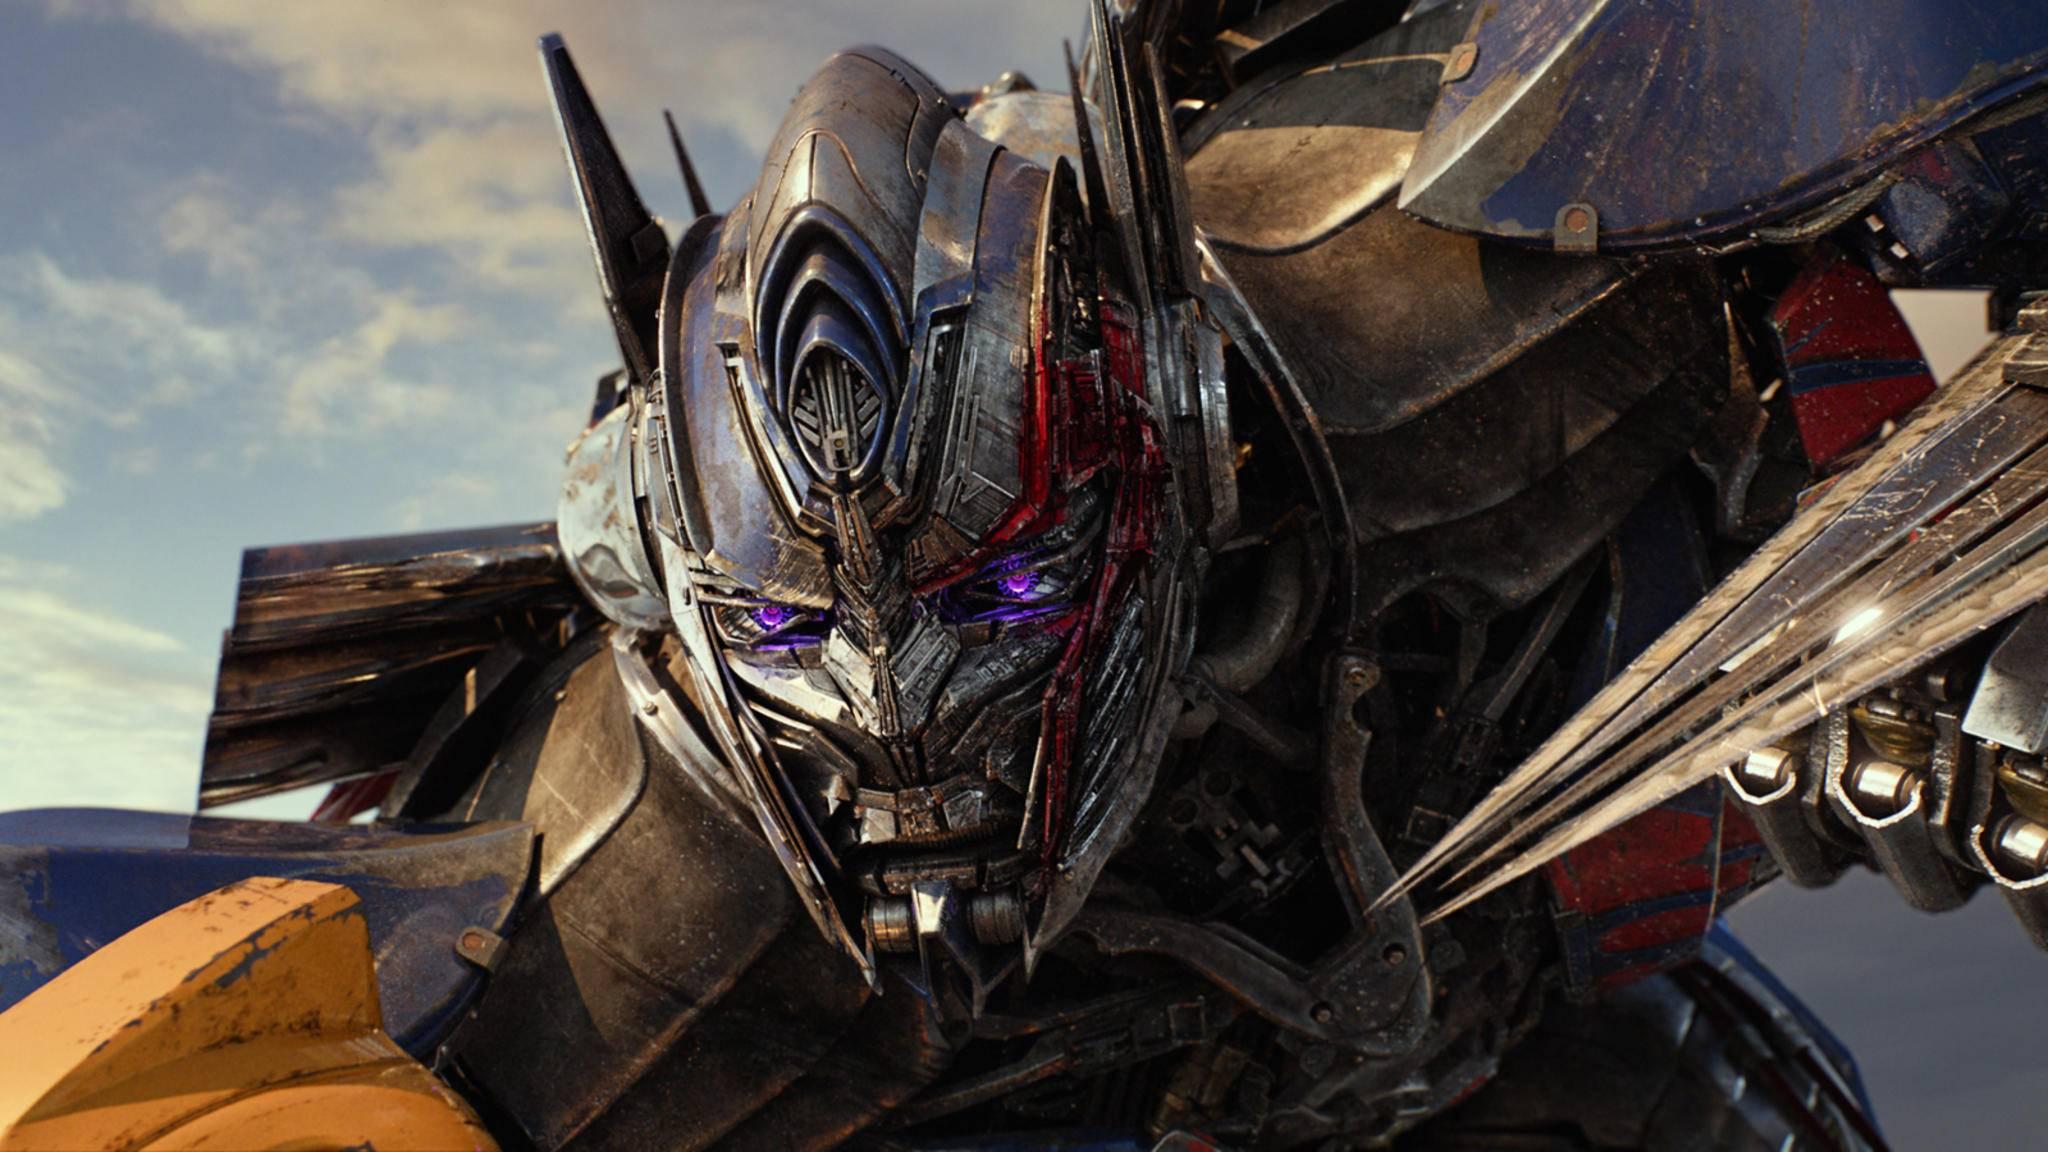 Geht es nach Michael Bay dürfte es gerne als Nächstes eine FSK-18-Version der Transformers geben.